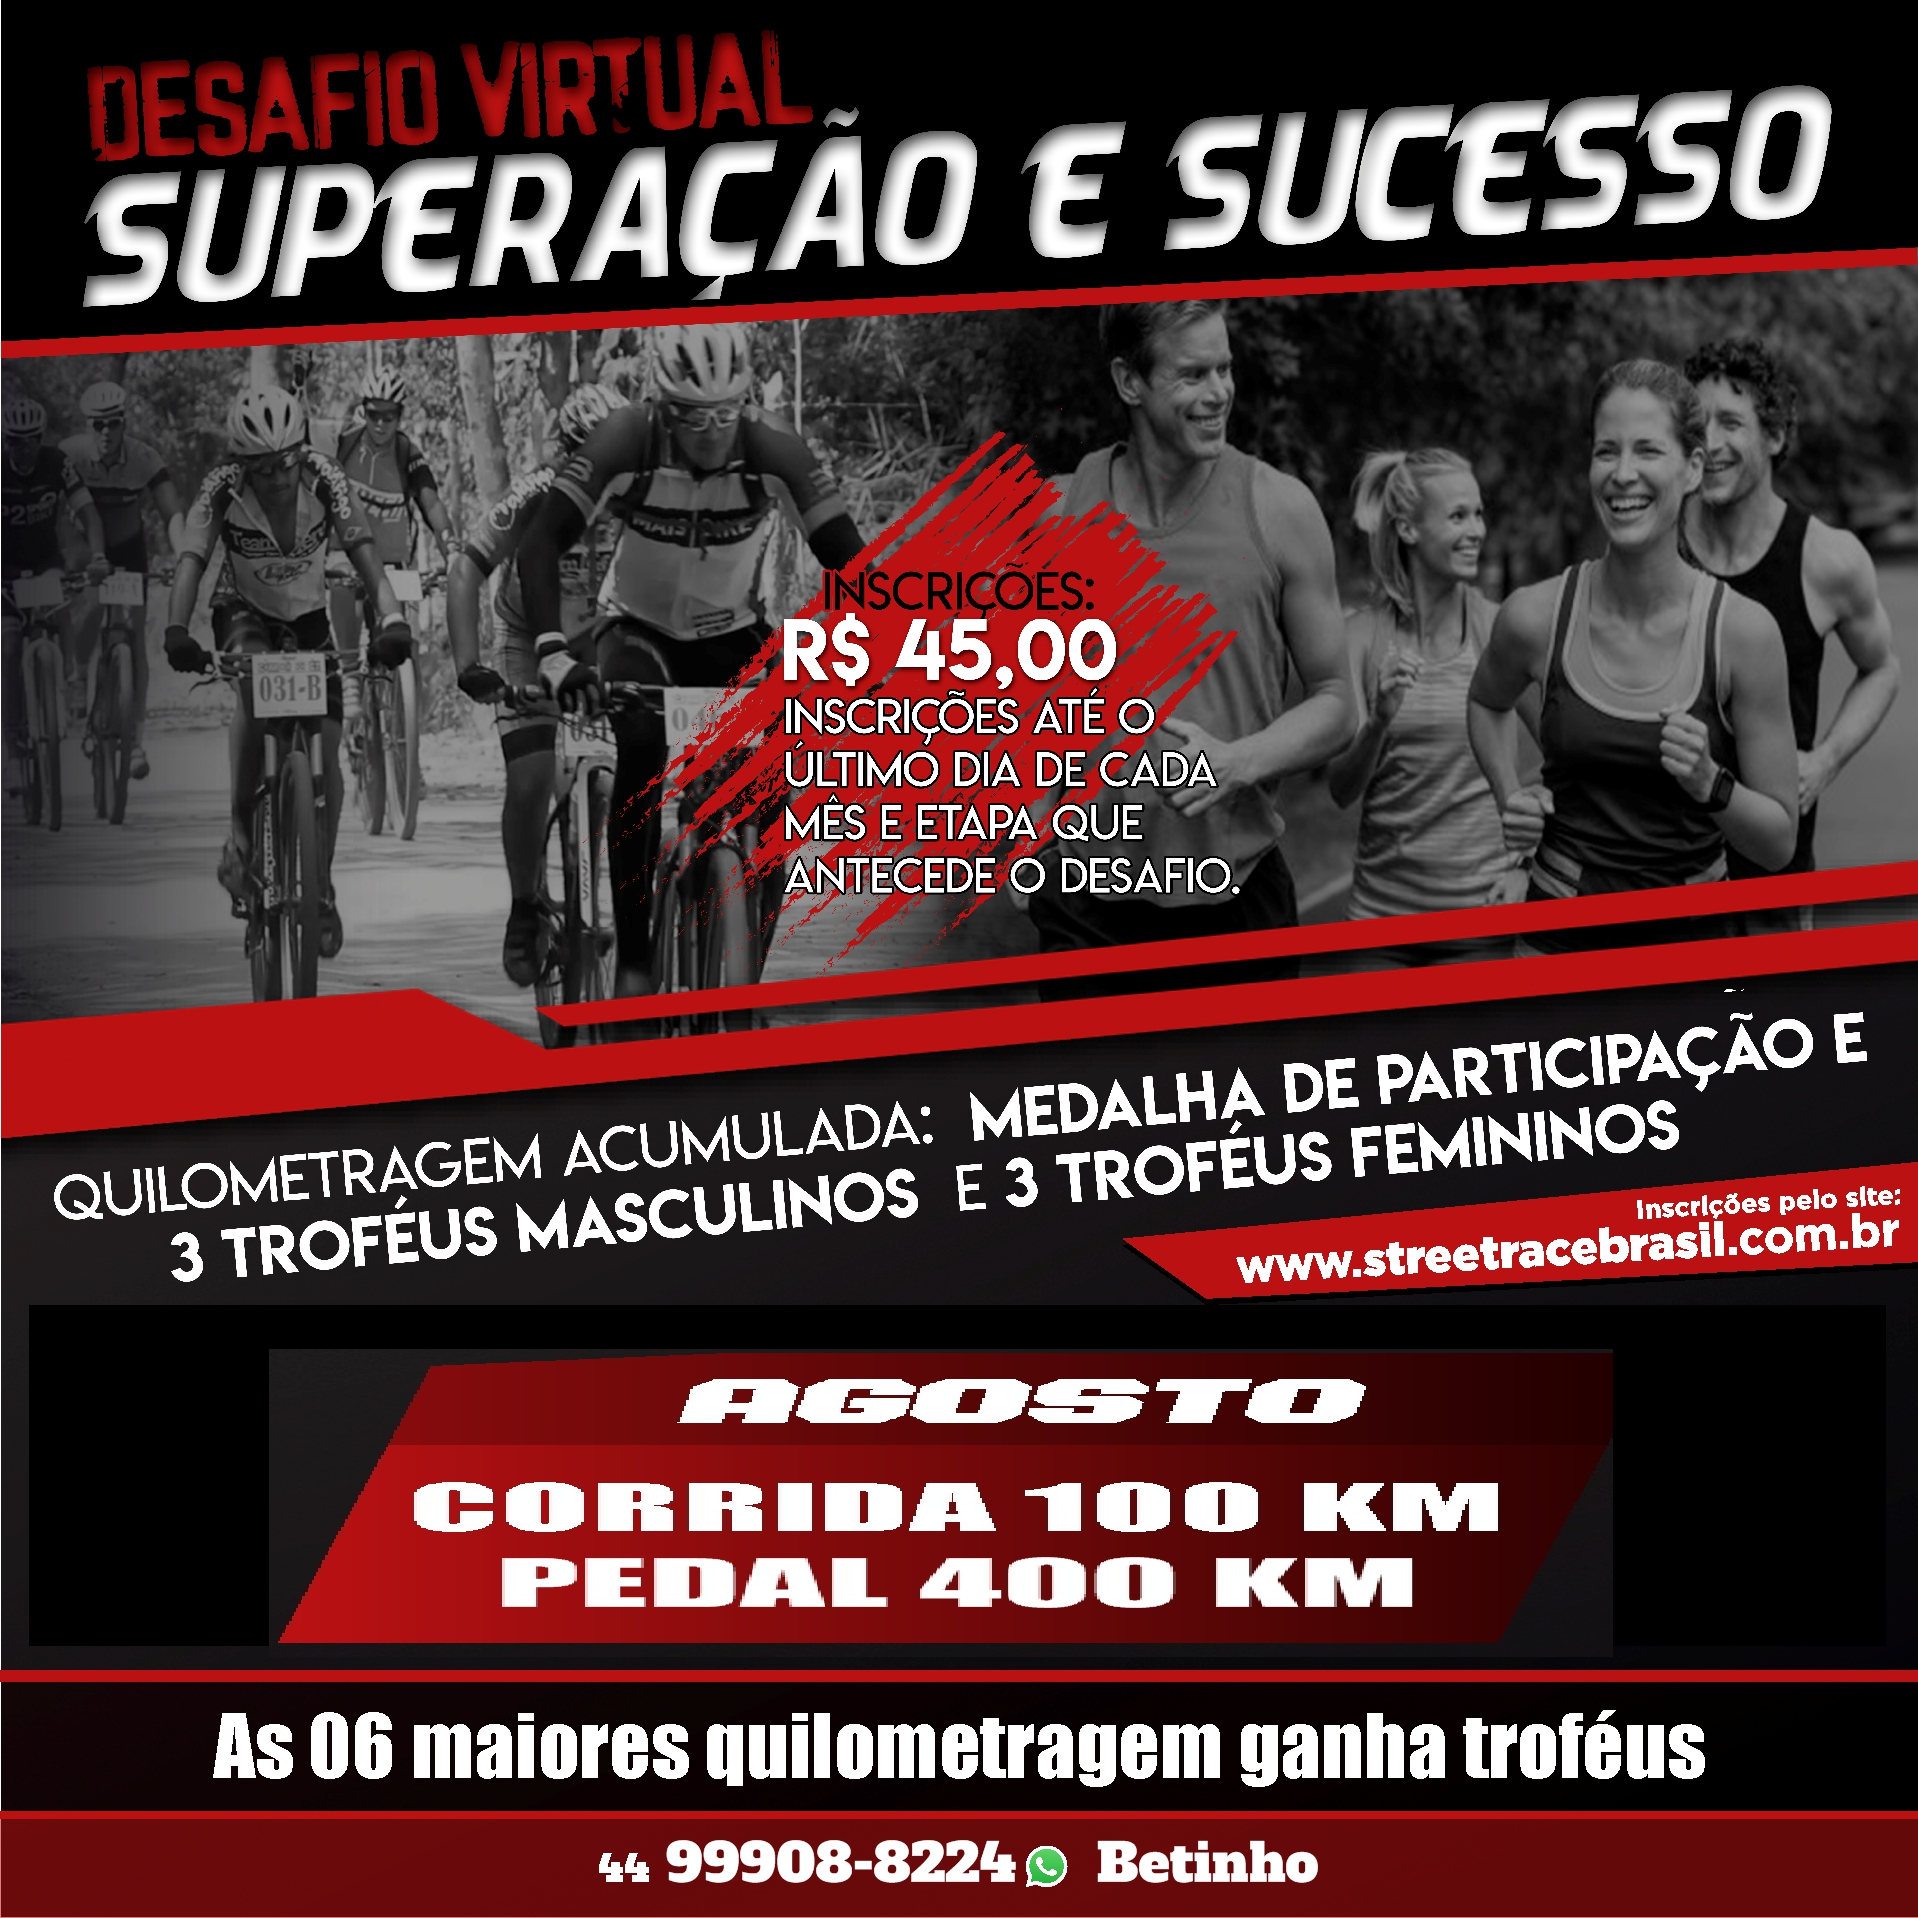 DESAFIO VIRTUAL SUPERAÇÃO E SUCESSO  – CORRIDA & PEDAL (AGOSTO)